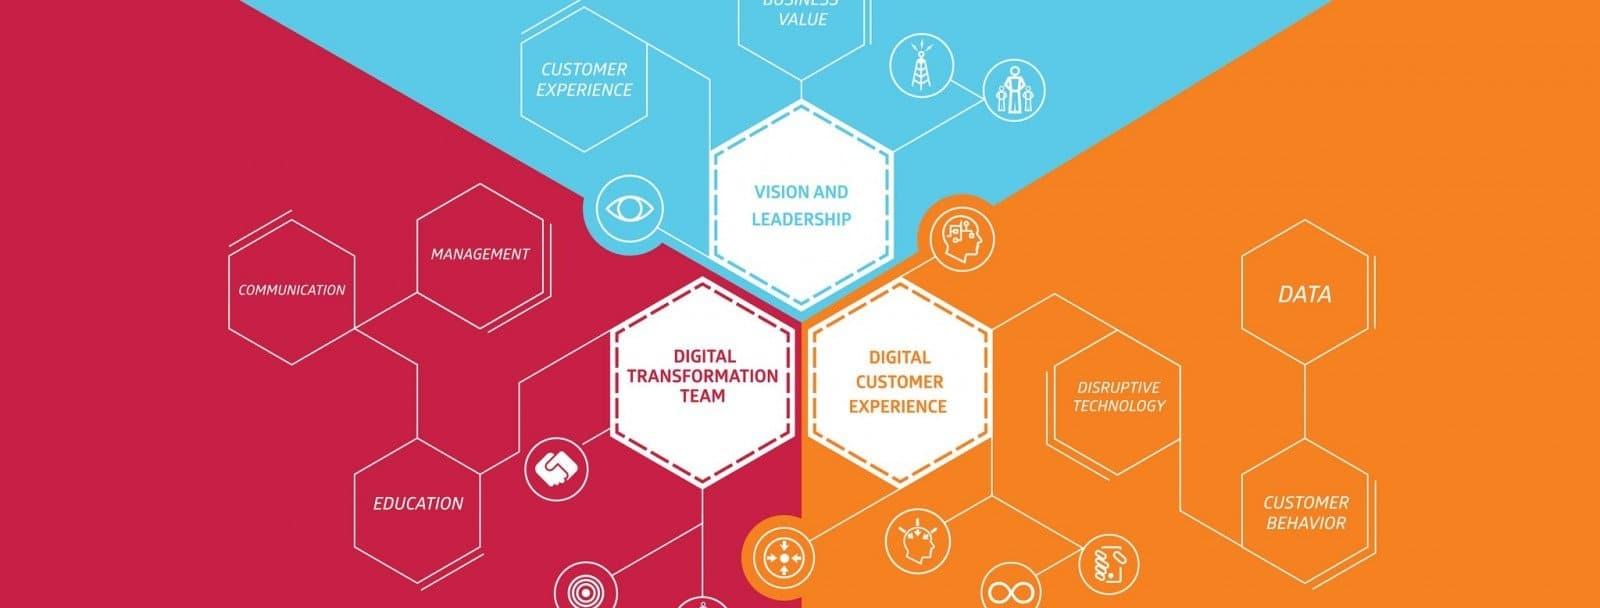 El 89% de las empresas se centra en customer experience… ¿y el otro 11%?